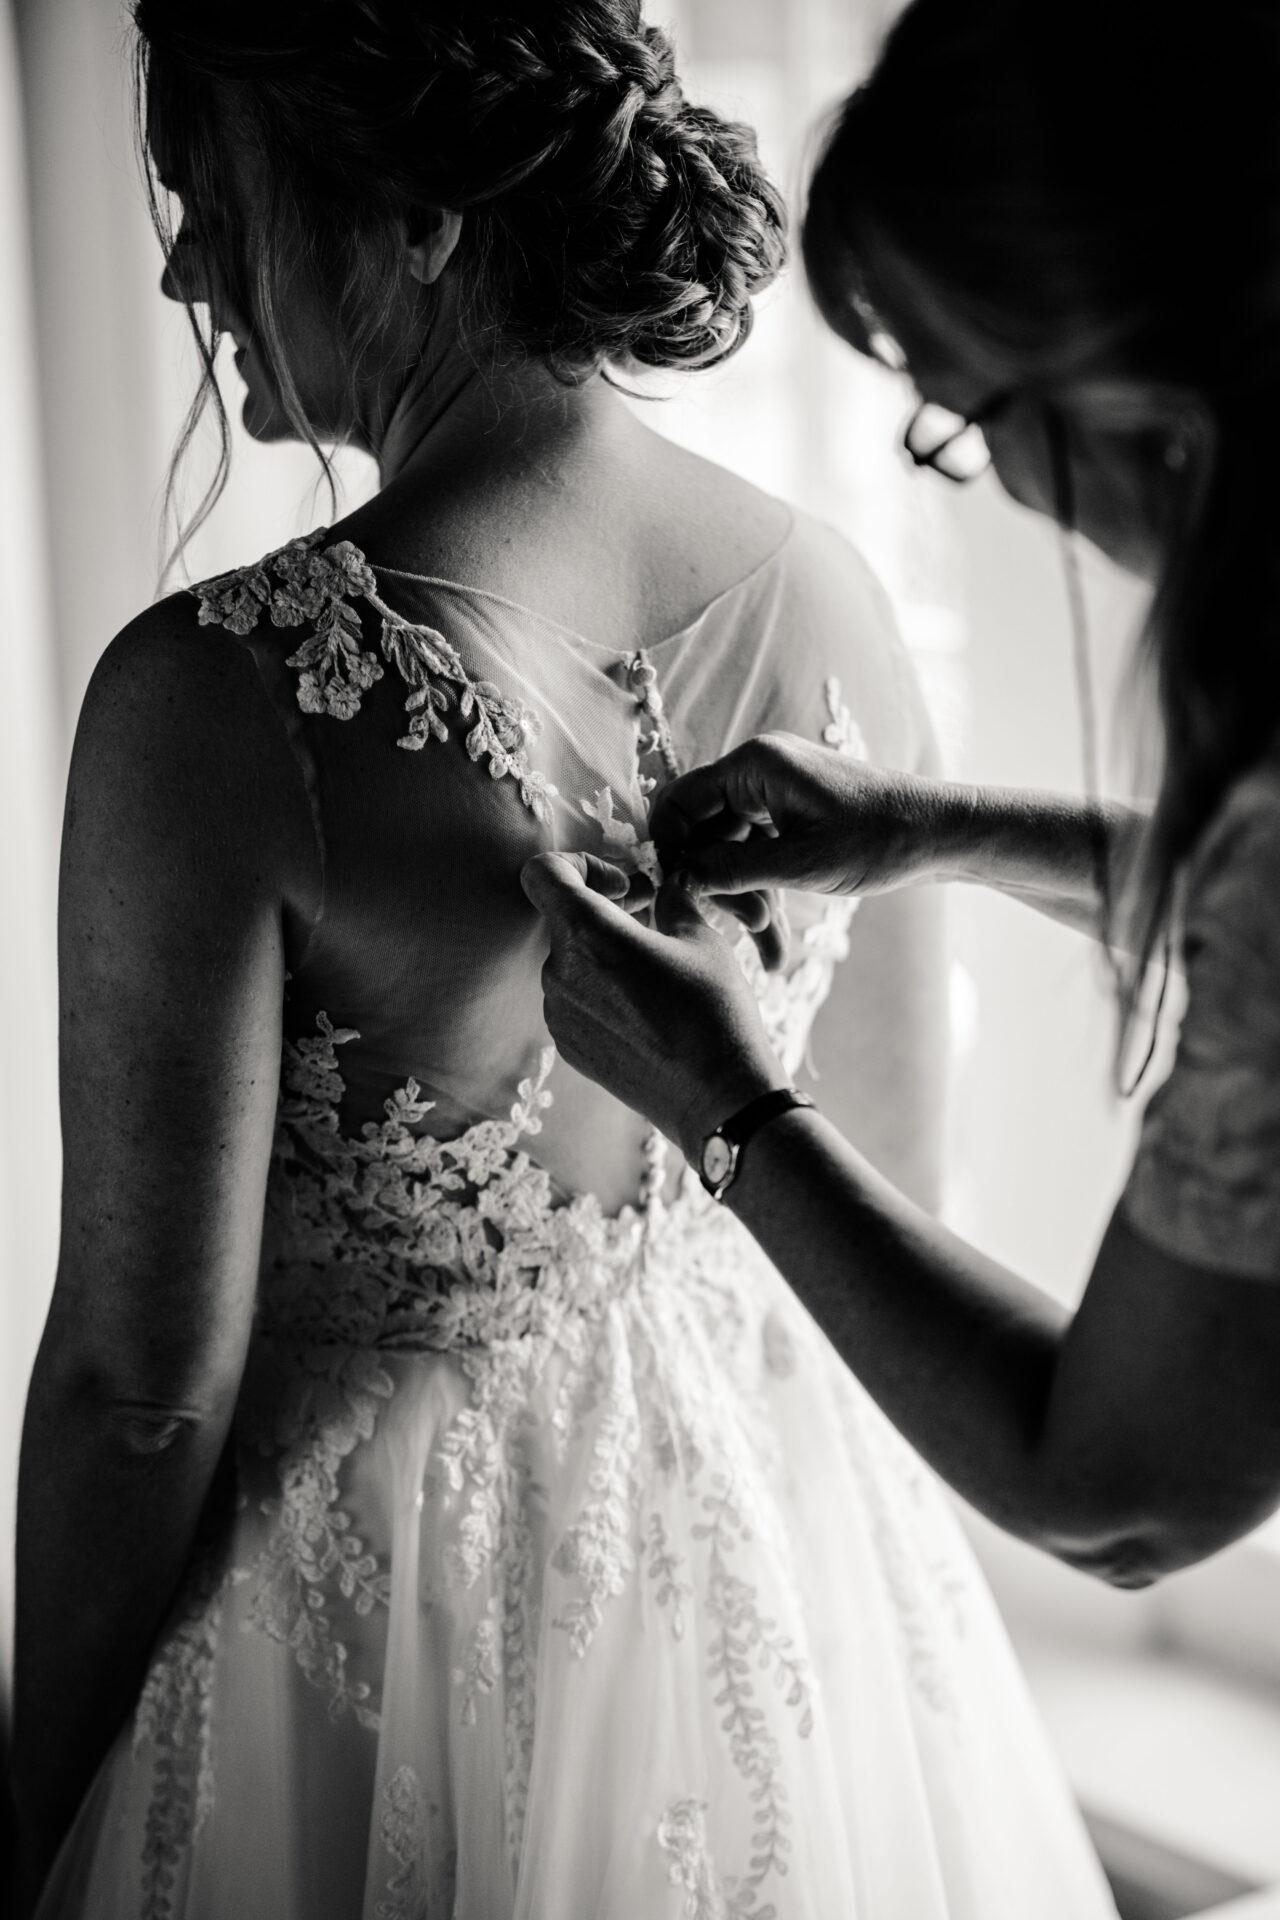 Getting ready bride